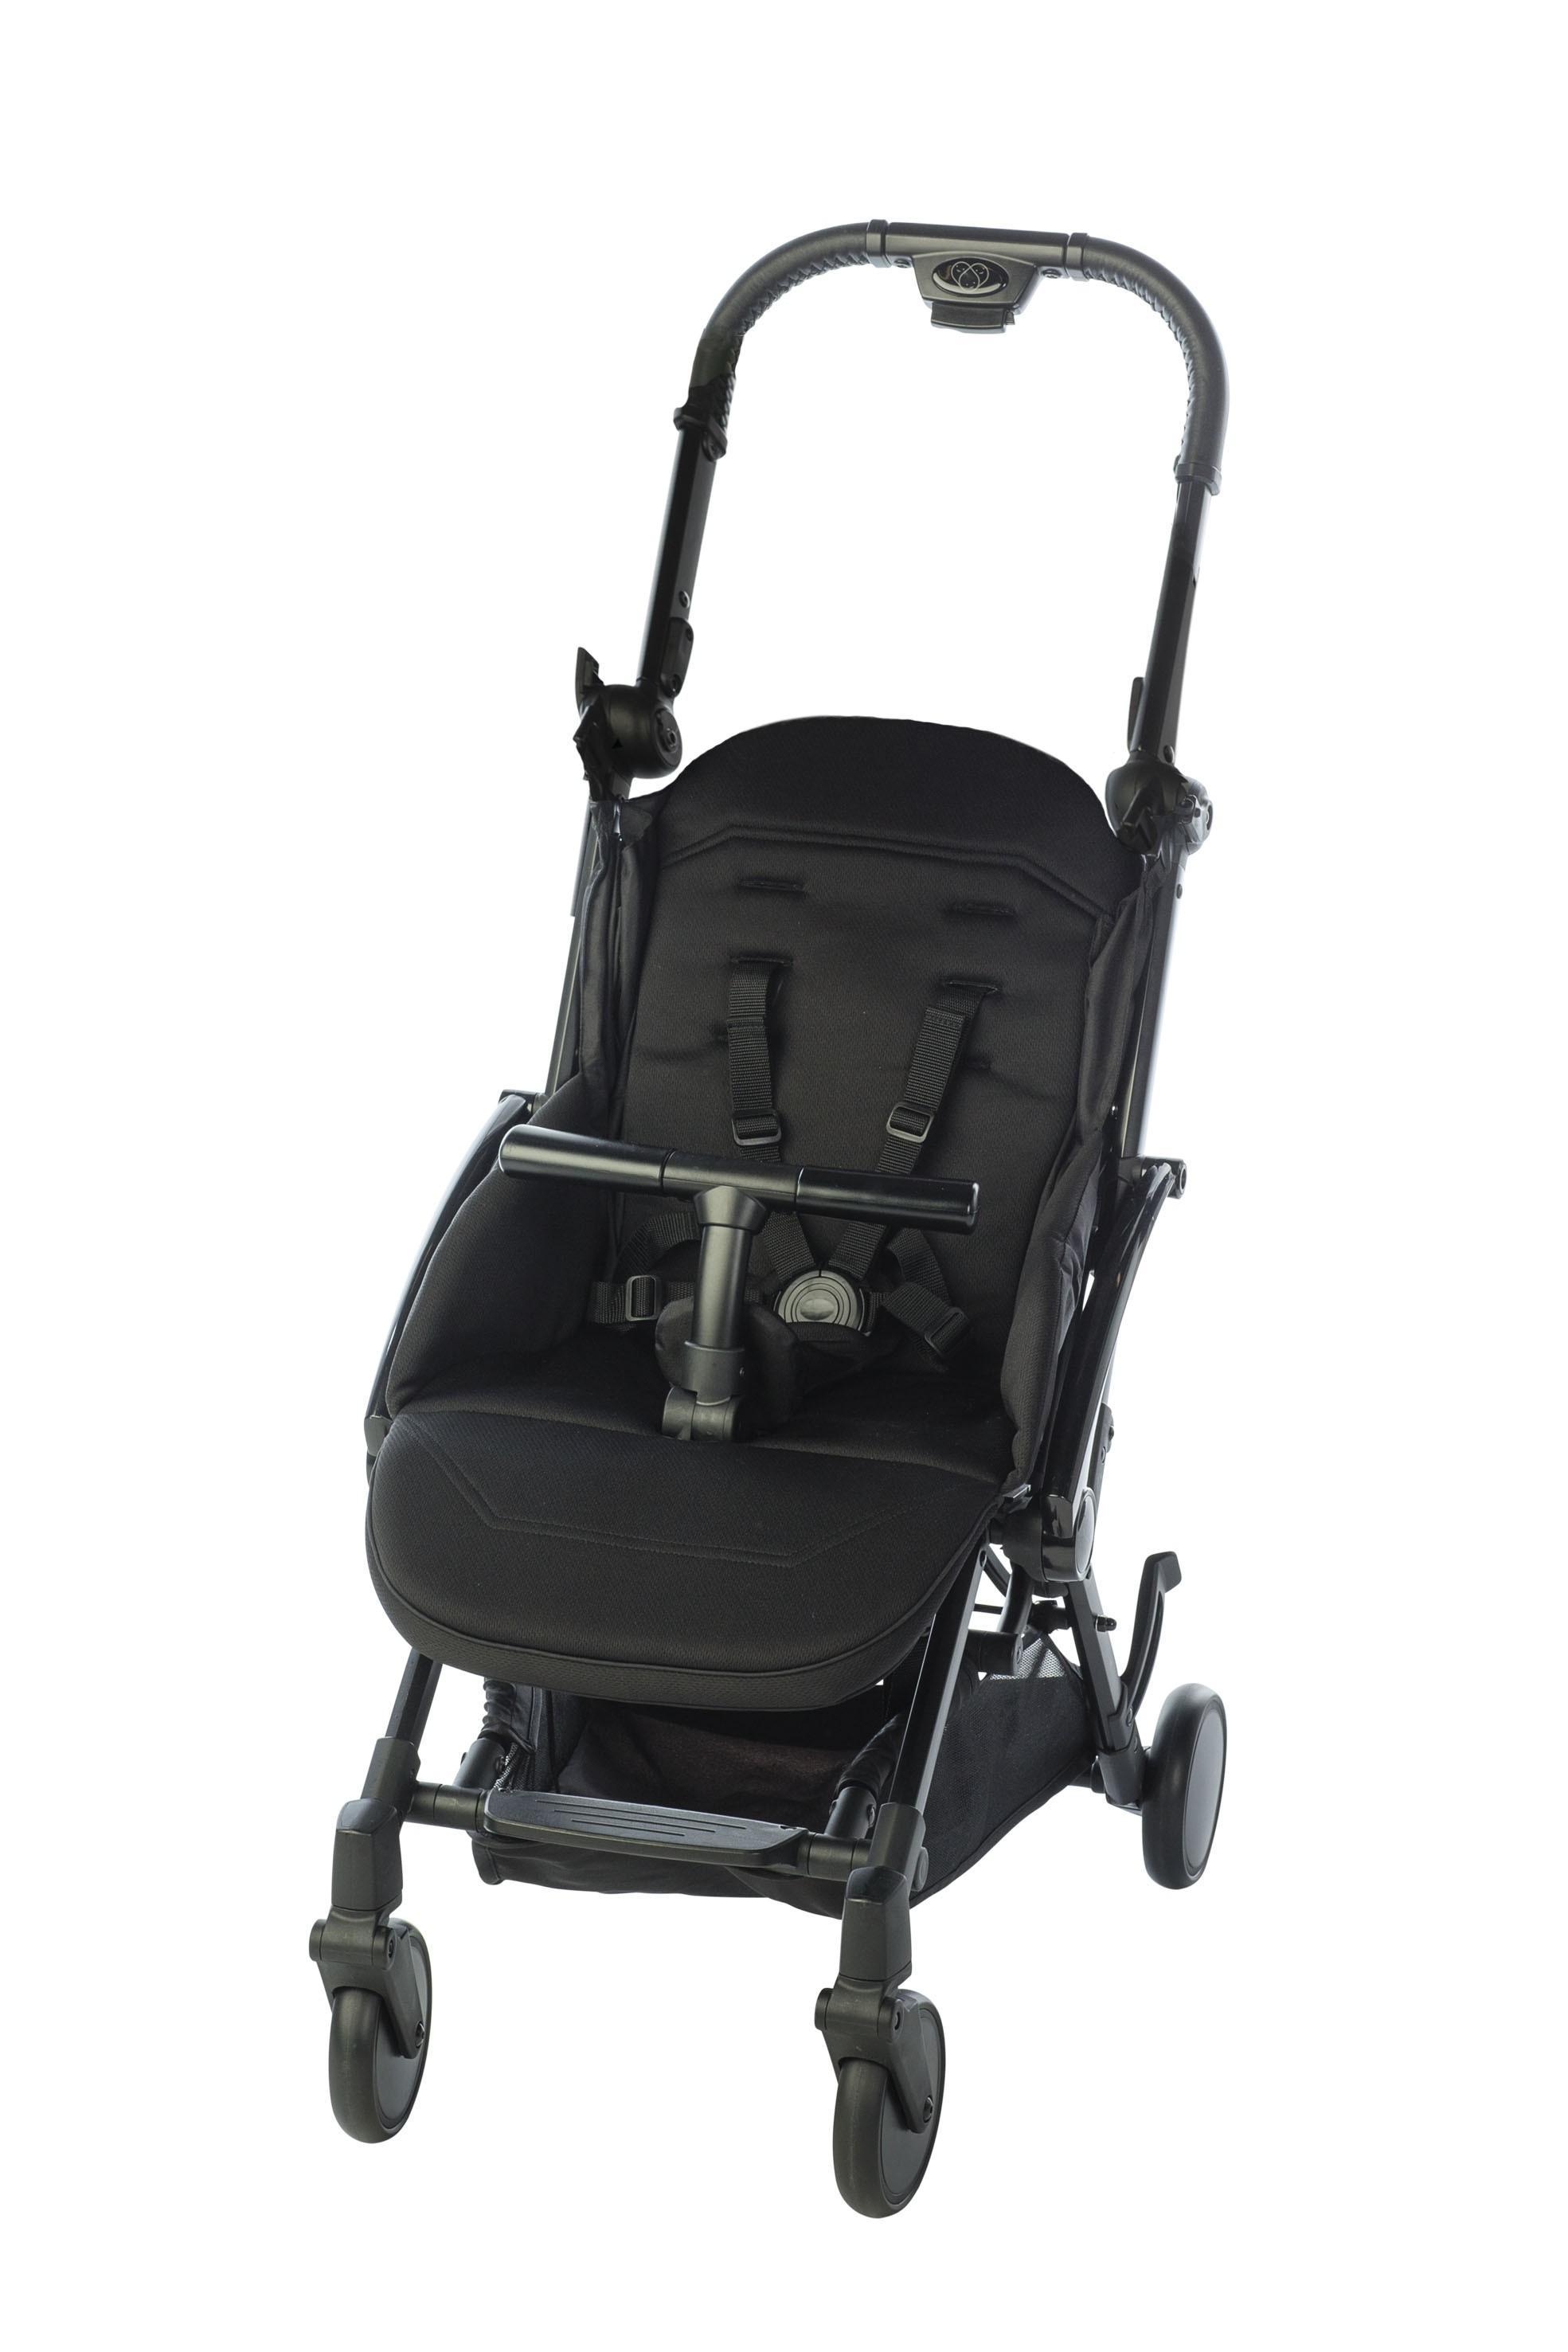 Pericles - Buggy Xs Comfort Plus Black (Zonder Kap)(N)